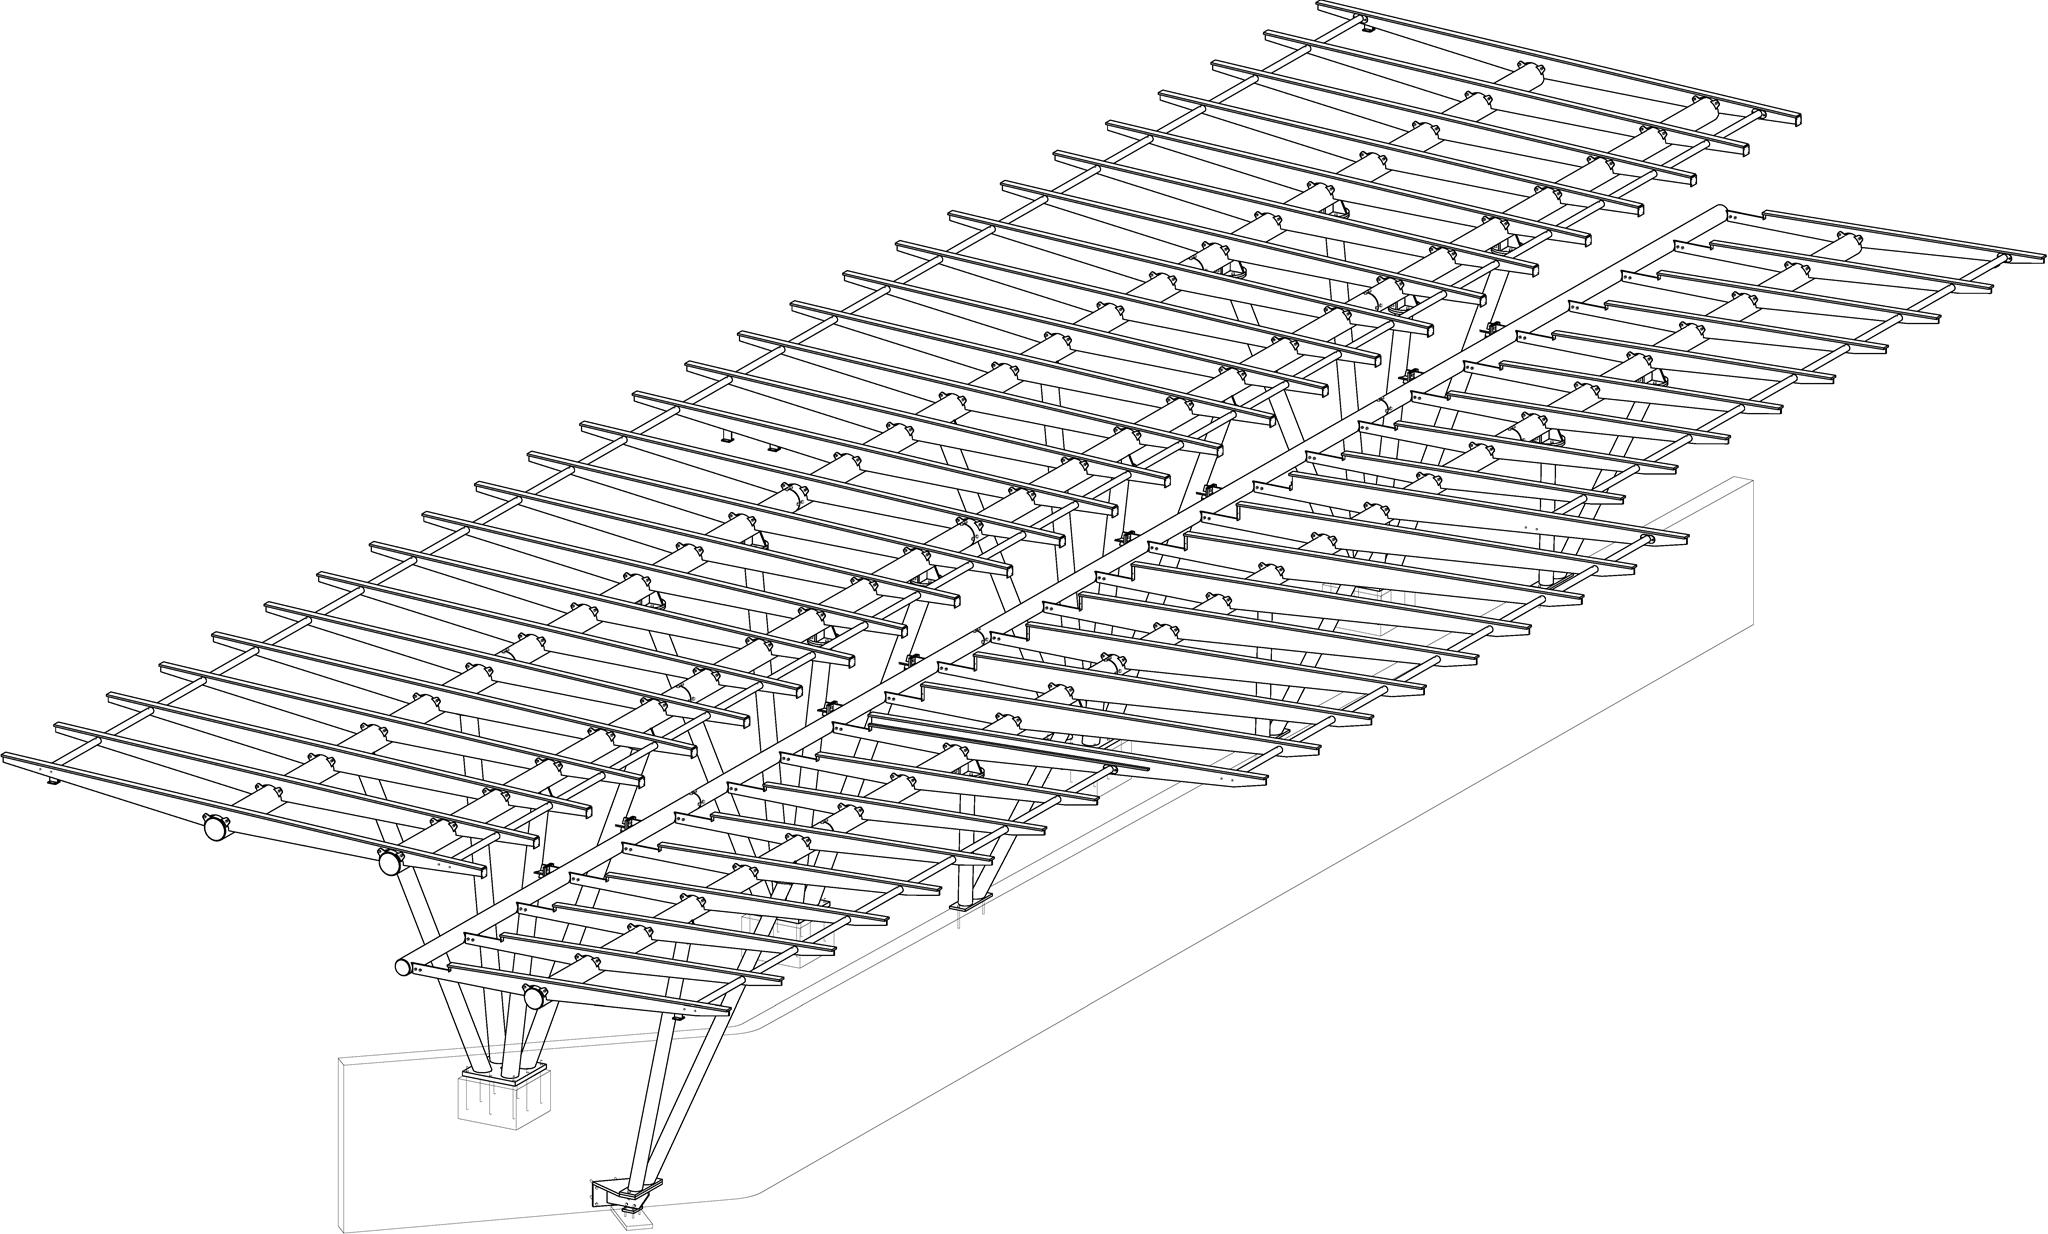 treppe berechnen excel treppe berechnen gewendelte treppe berechnen m bel und treppe berechnen. Black Bedroom Furniture Sets. Home Design Ideas